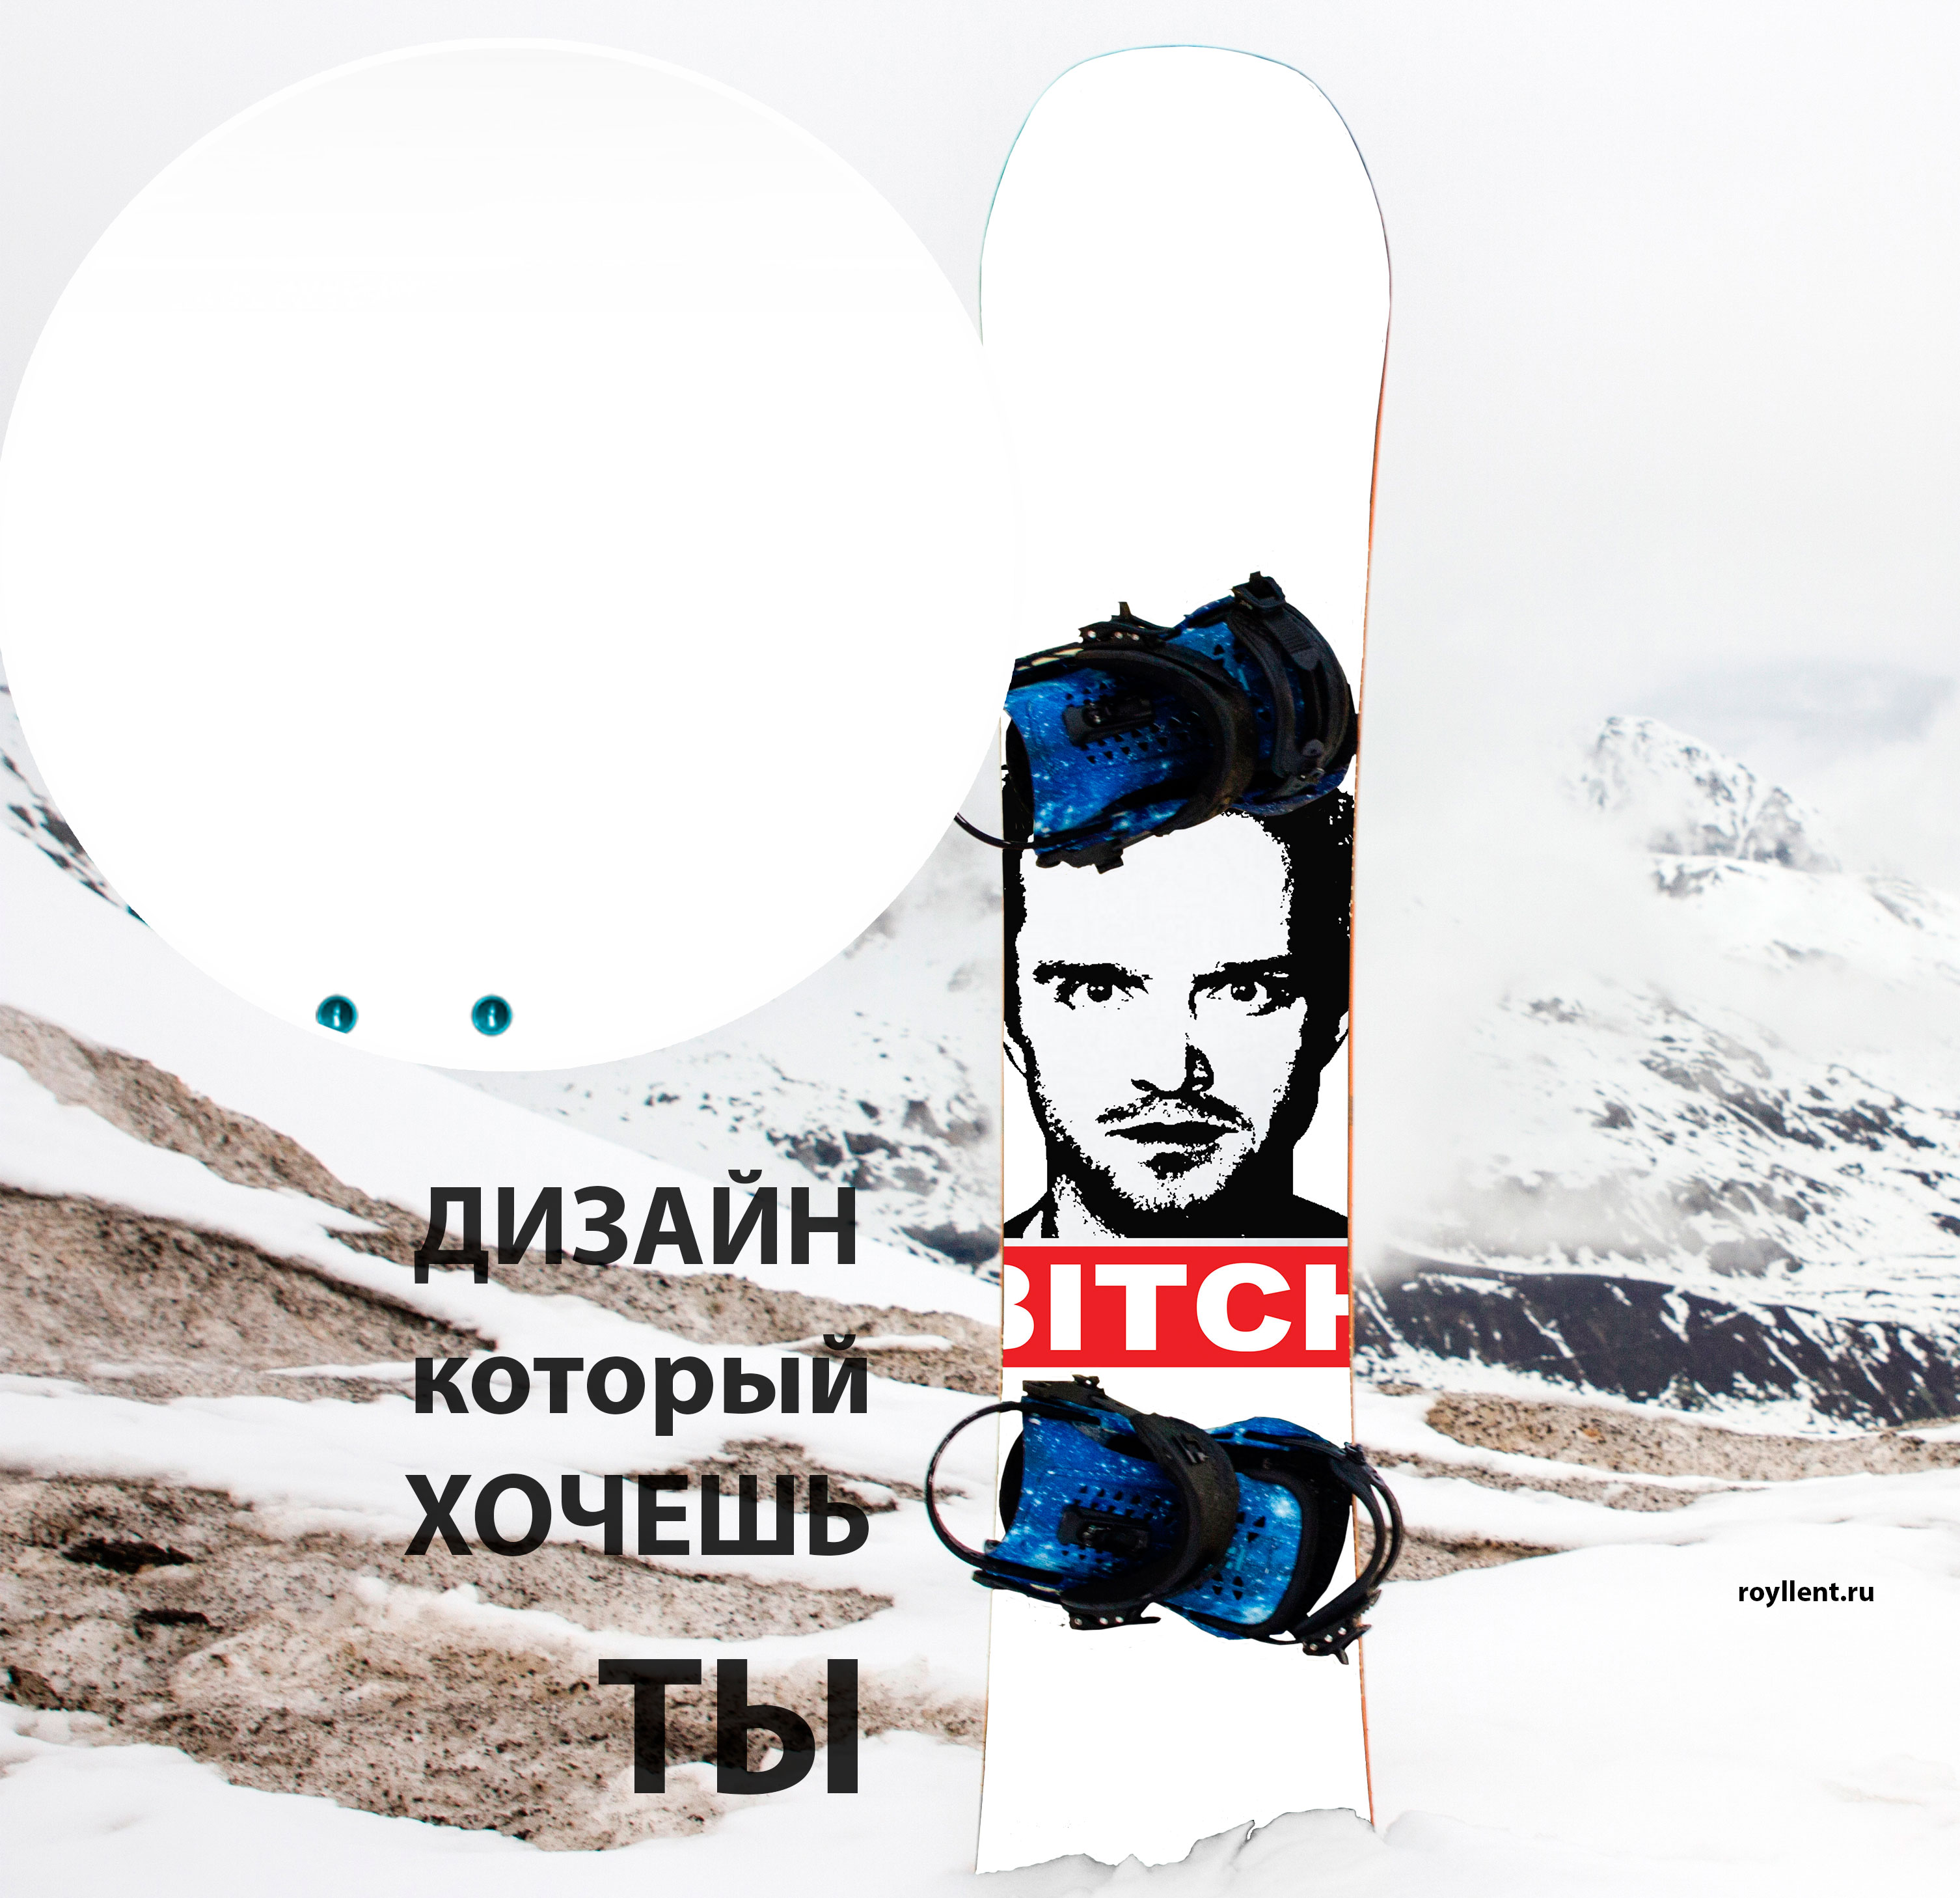 Bitch White snowboard Наклейка в стиле Breaking Bad